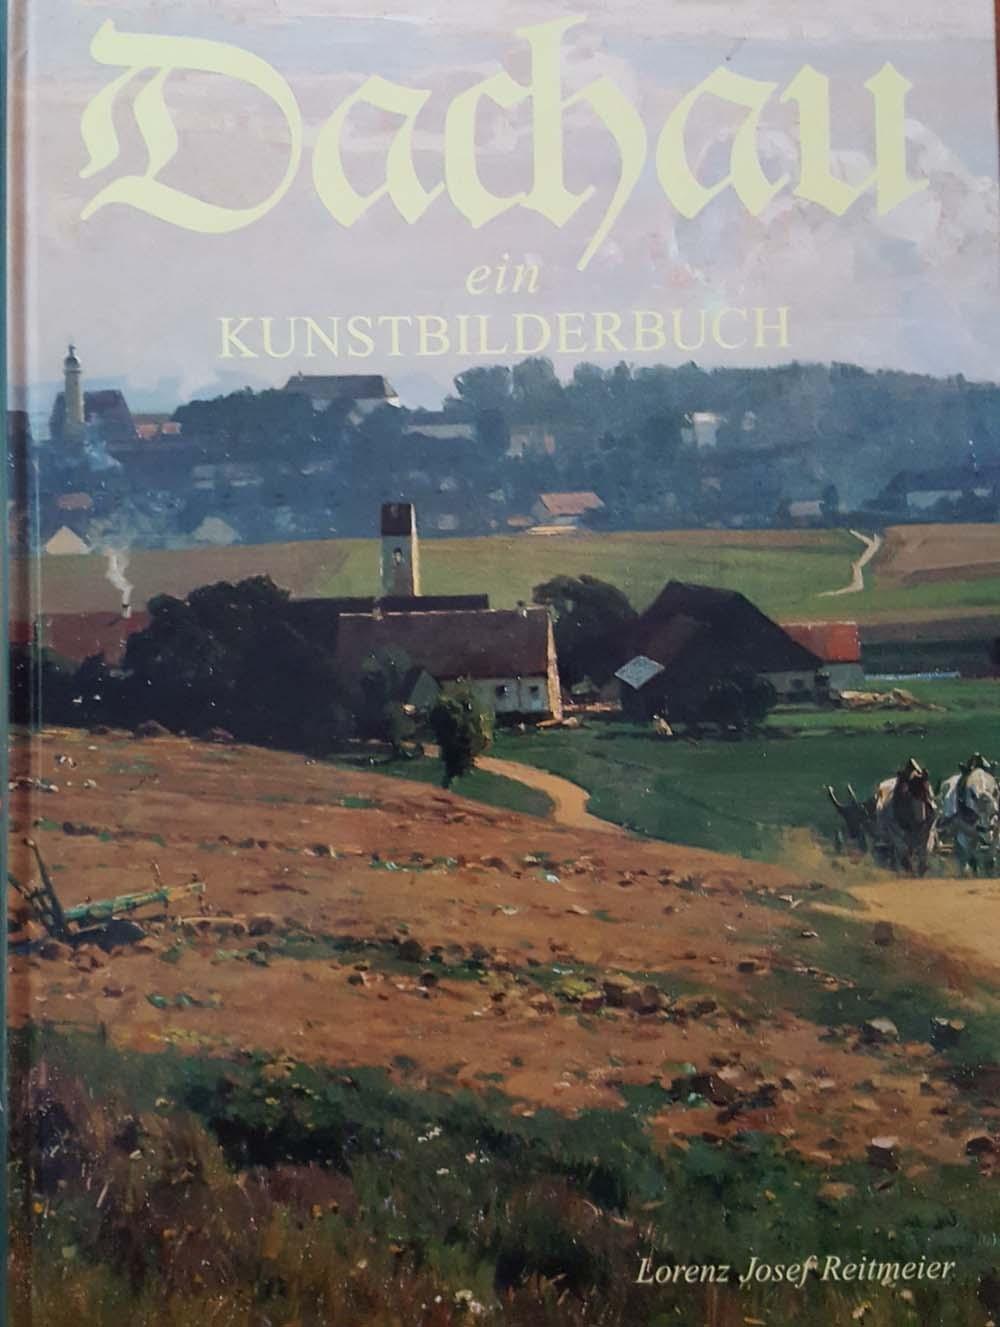 Dachau ein Kunstbilderbuch über den 1200 jährigen größten deutschen Malerort außerhalb der Großstädte zur Dachauer Kunst und Dachauer Geschichte